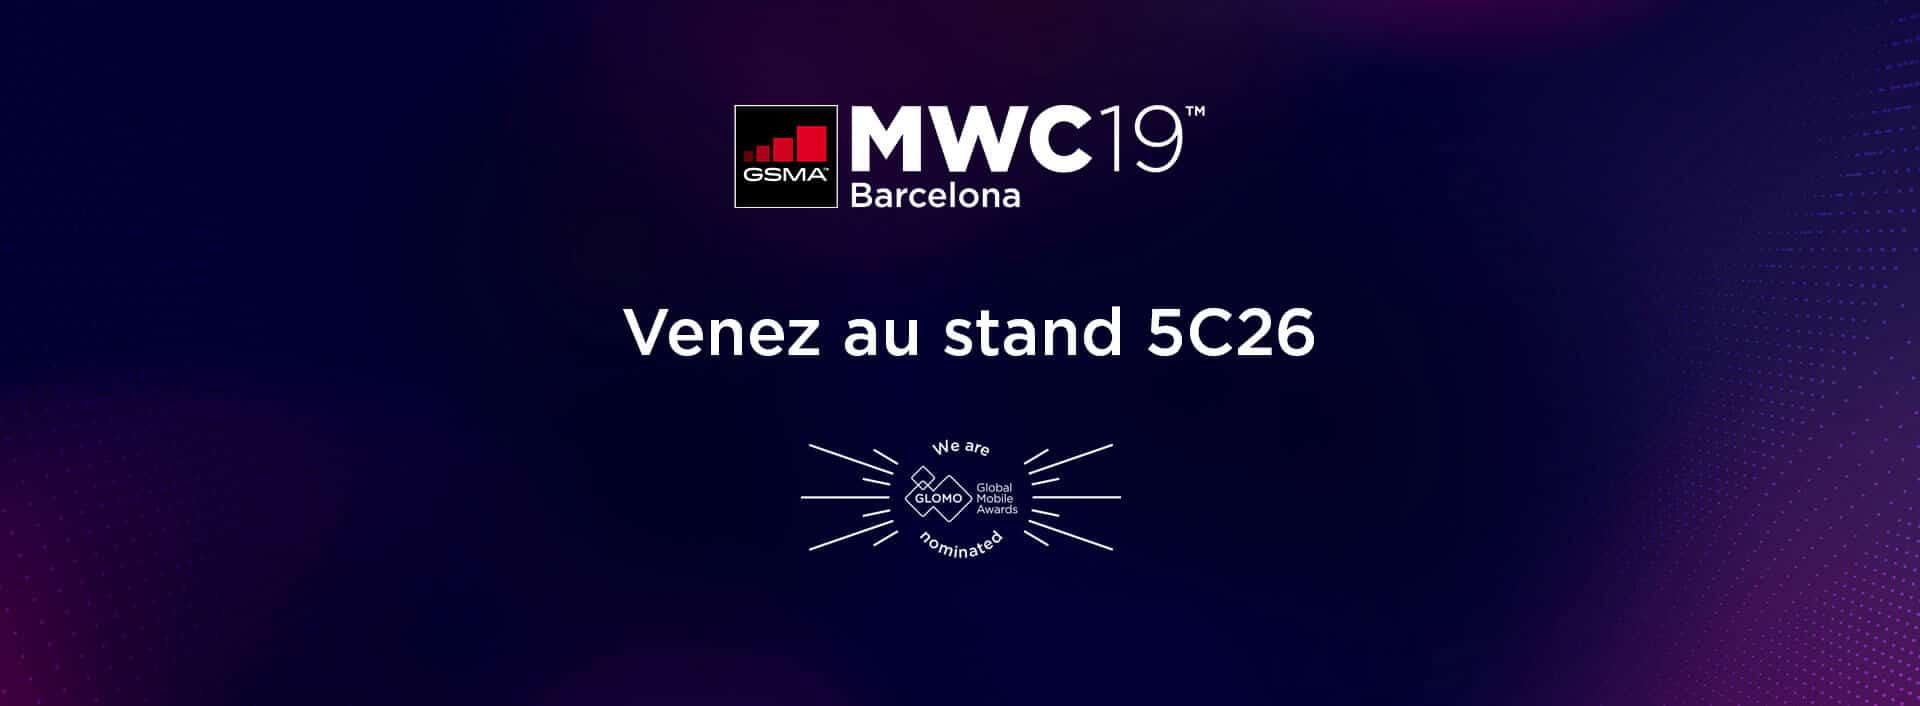 MWC19-header-FR